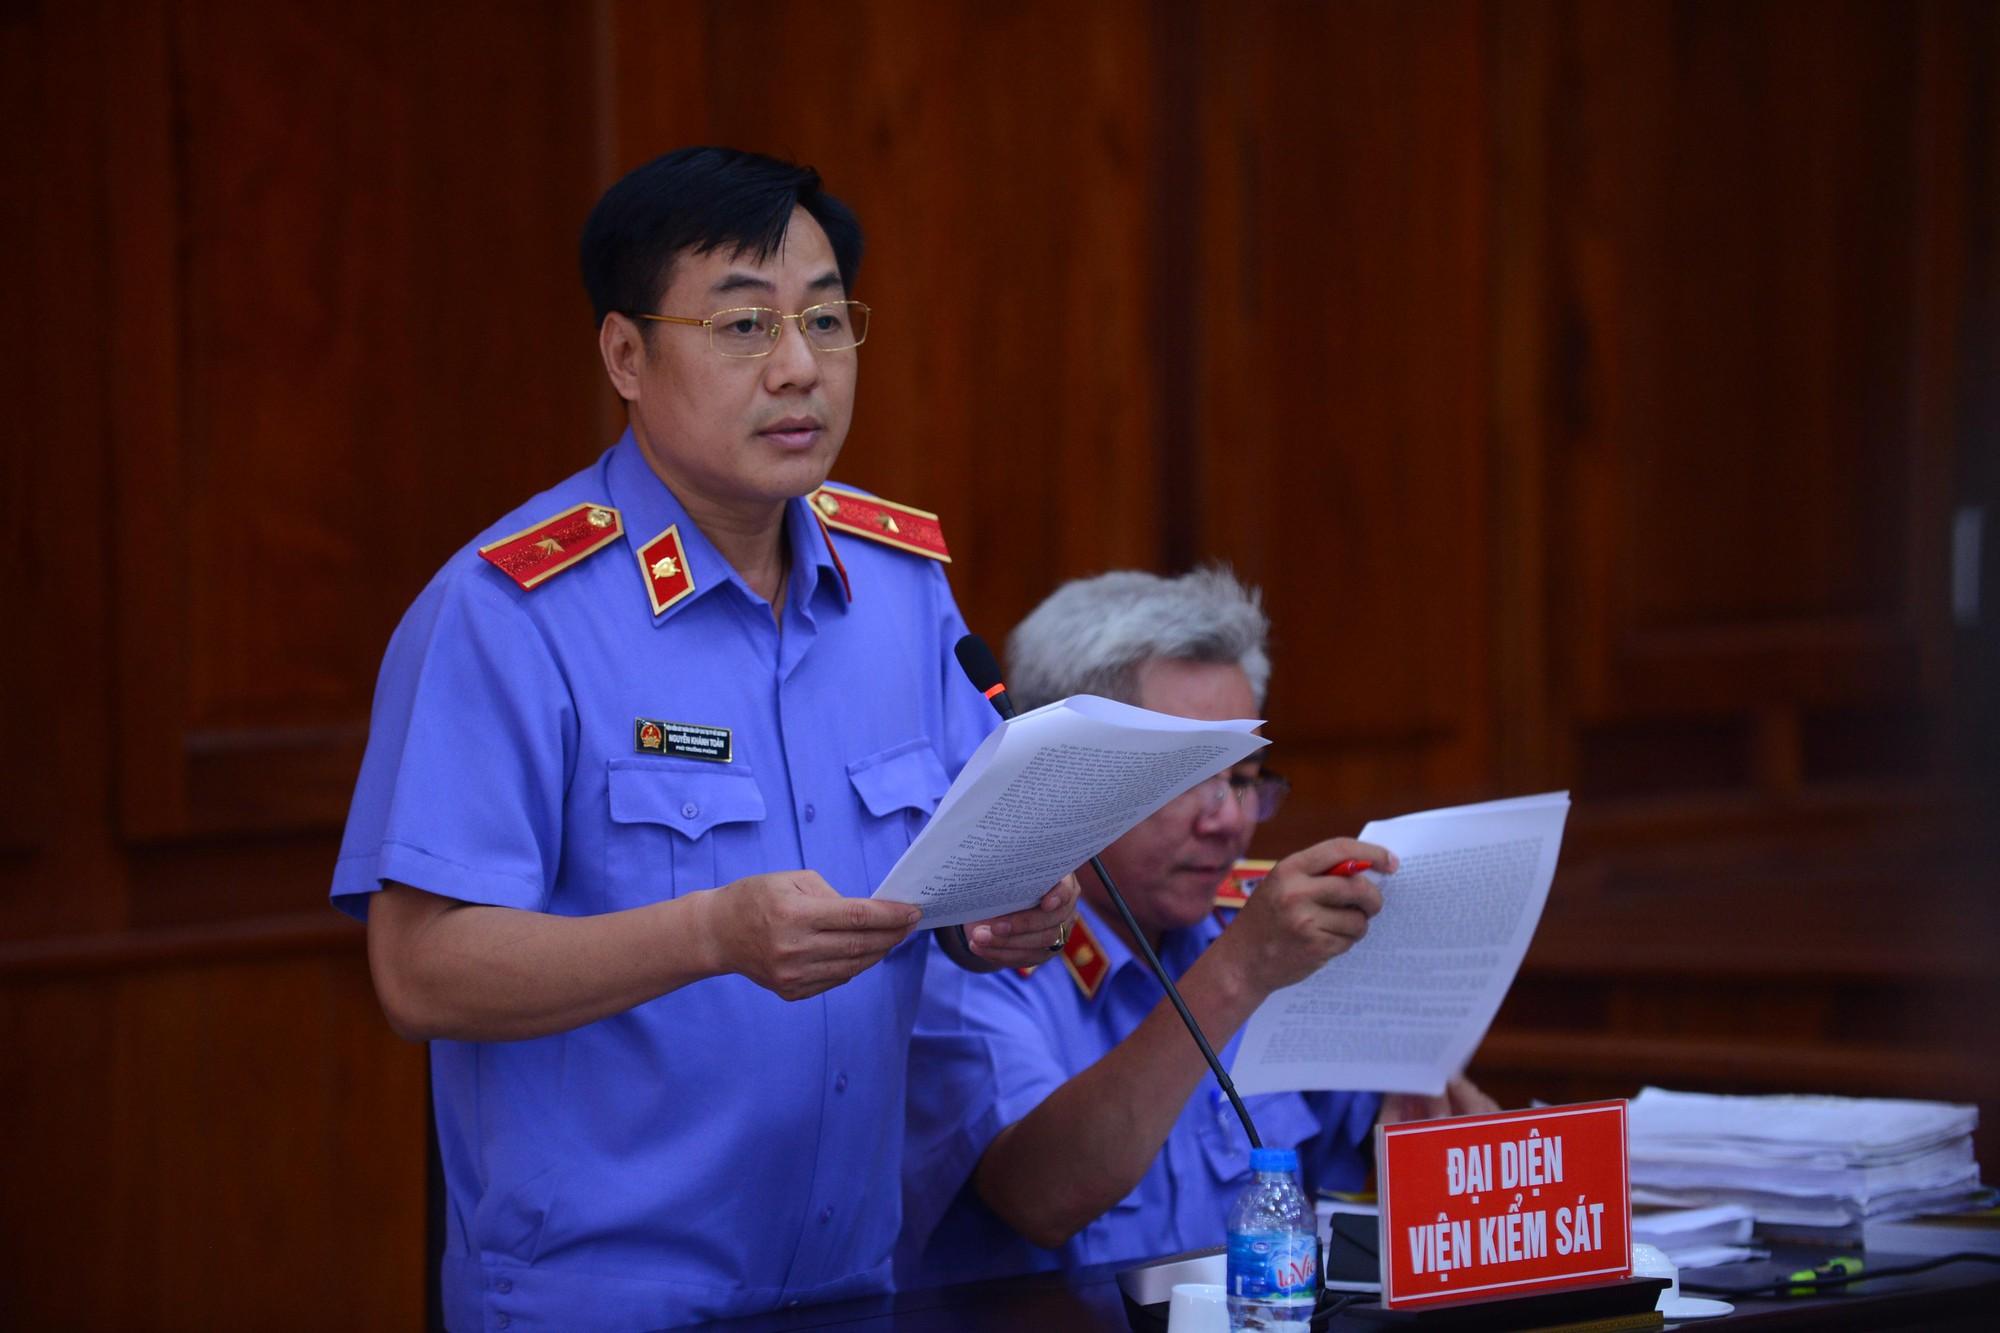 Viện kiểm sát bác kháng cáo kêu oan của Phan Văn Anh Vũ - Ảnh 1.